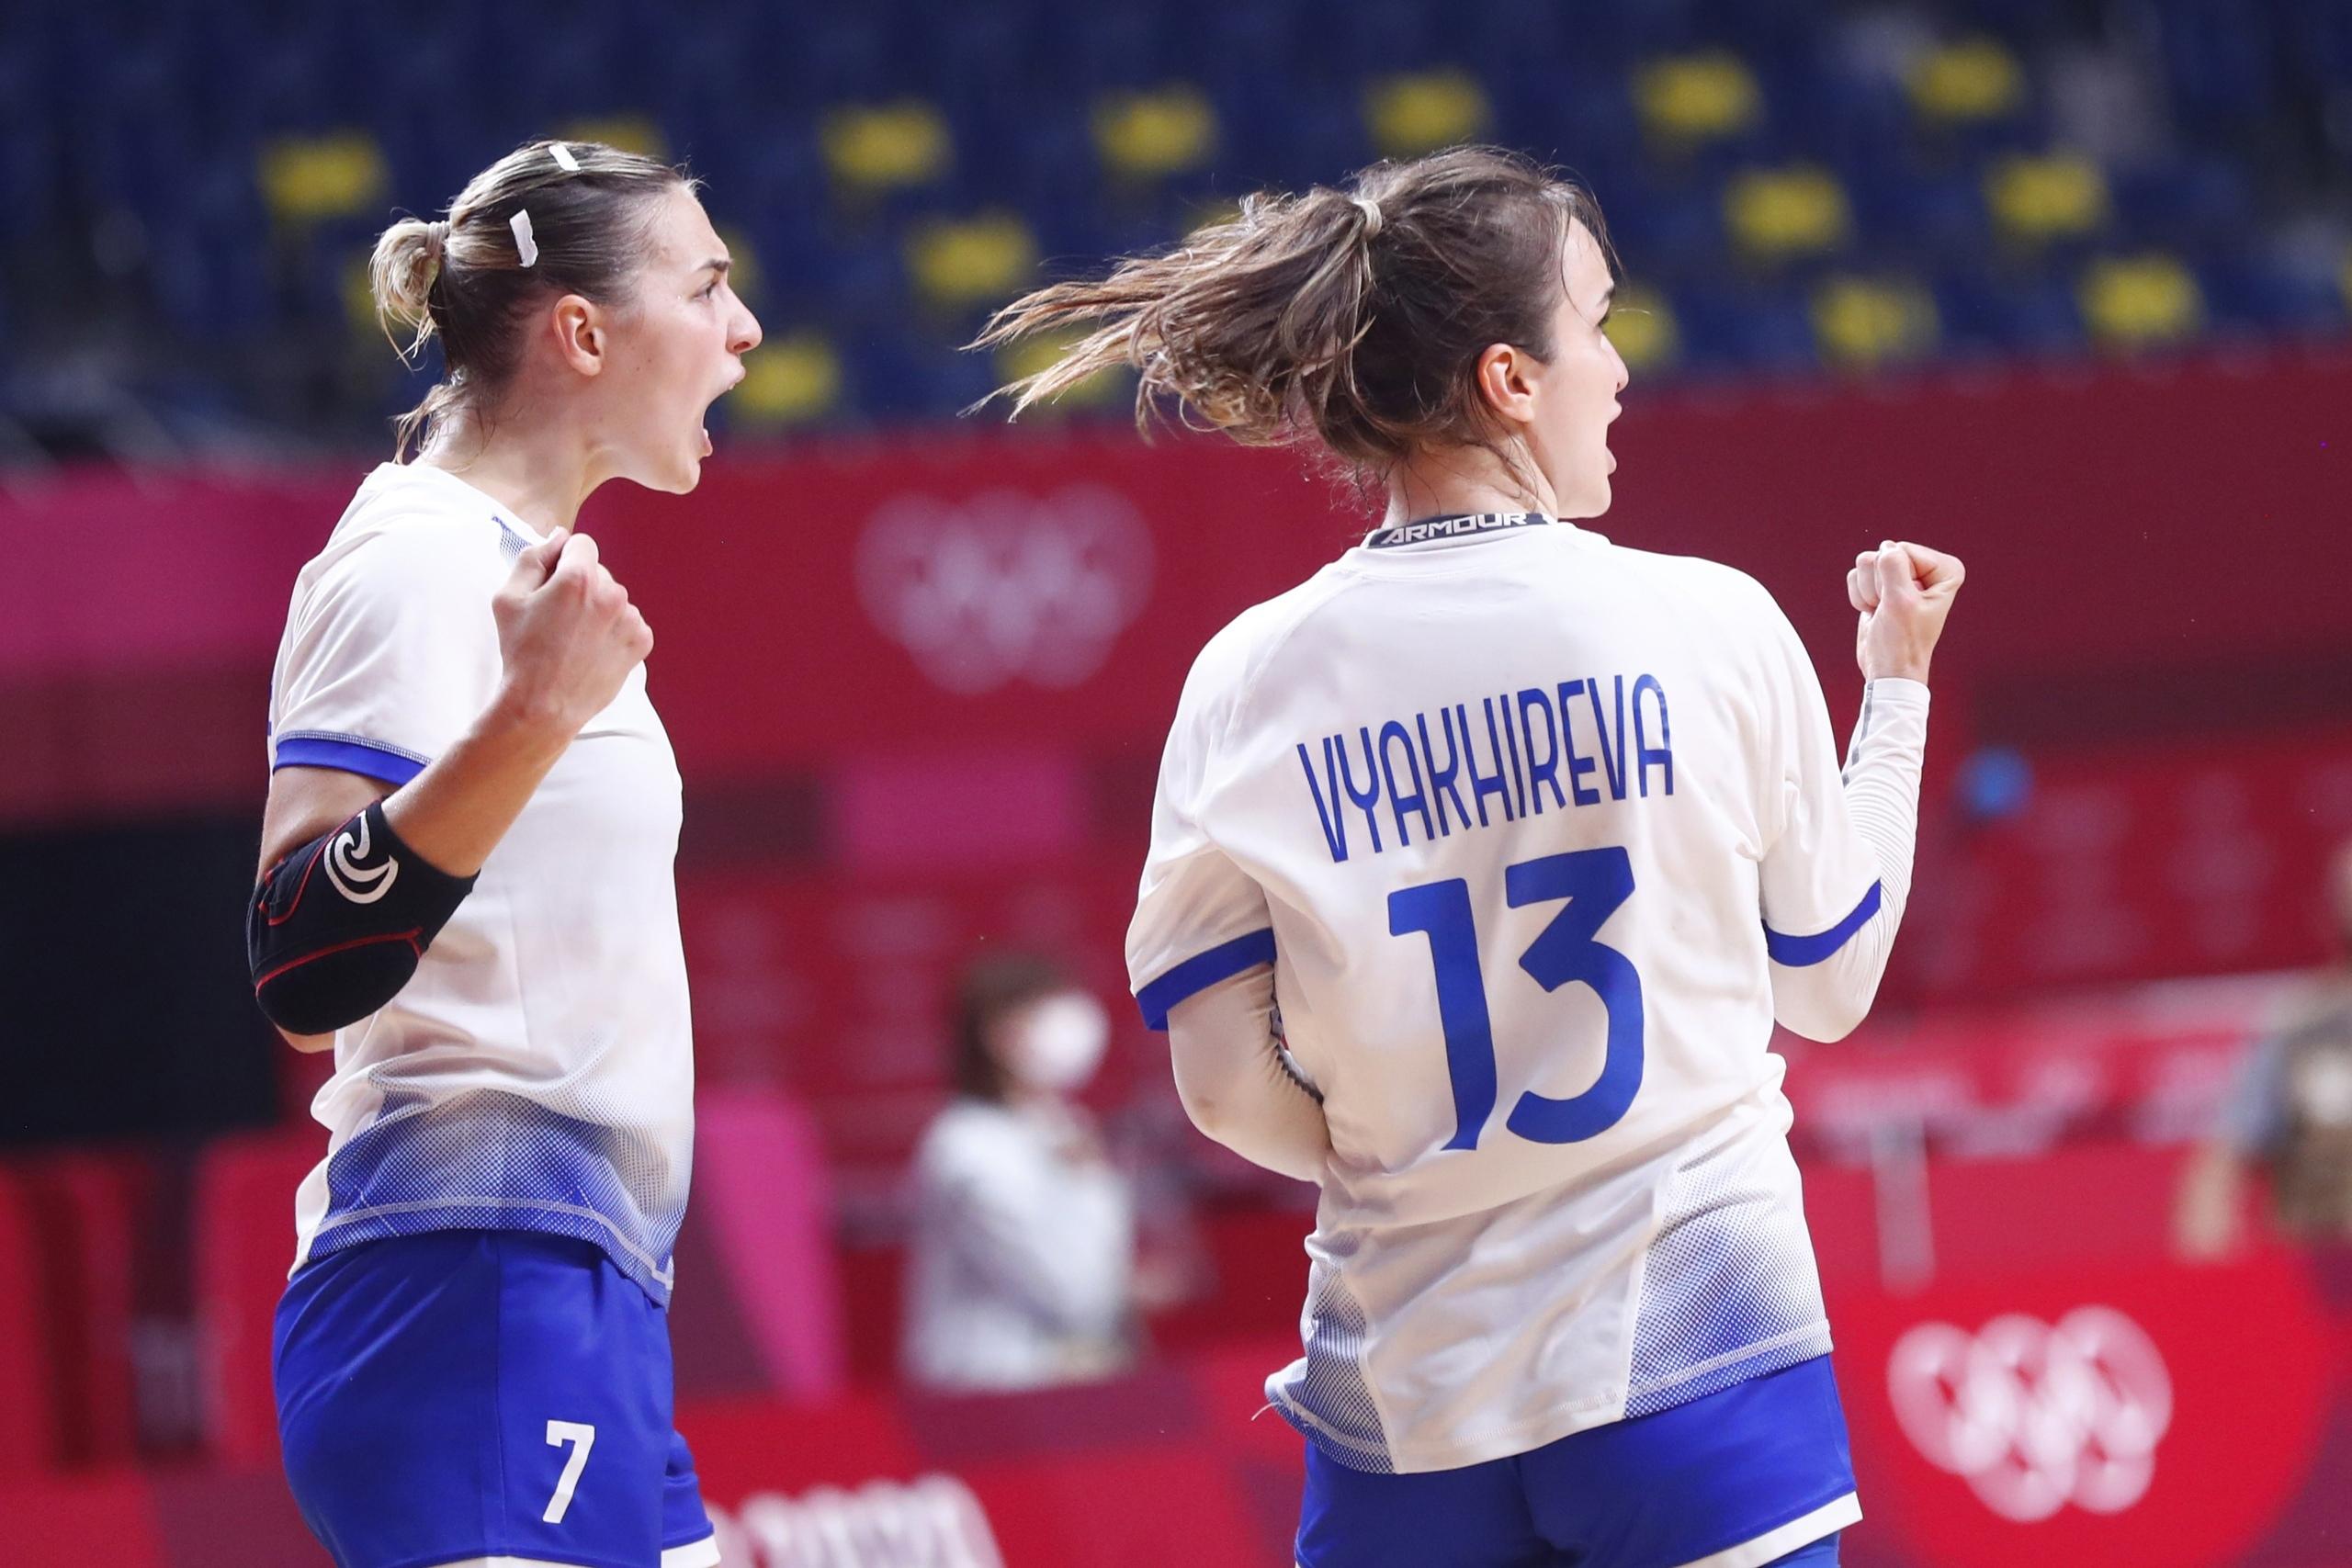 Усталость — не радость. Сколько матчей к 26 годам провели Анна Вяхирева и Дарья Дмитриева?, изображение №1